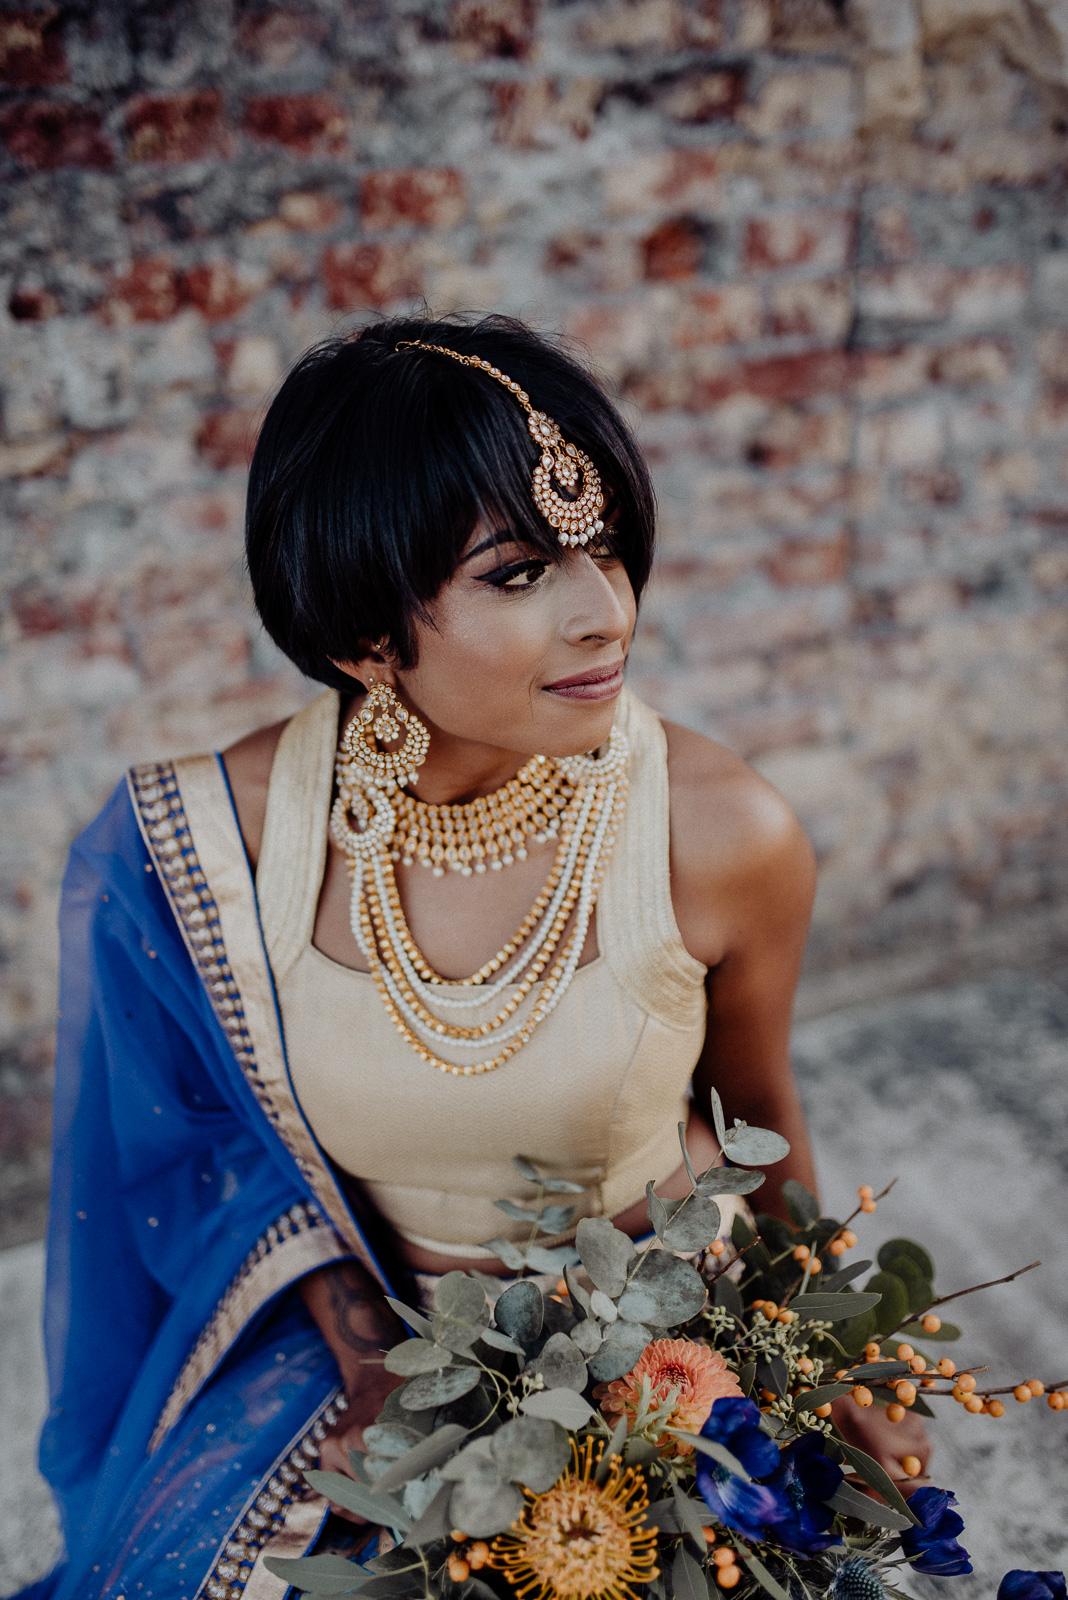 026-designparaplus-bochum-saree-indische-braut-fotograf